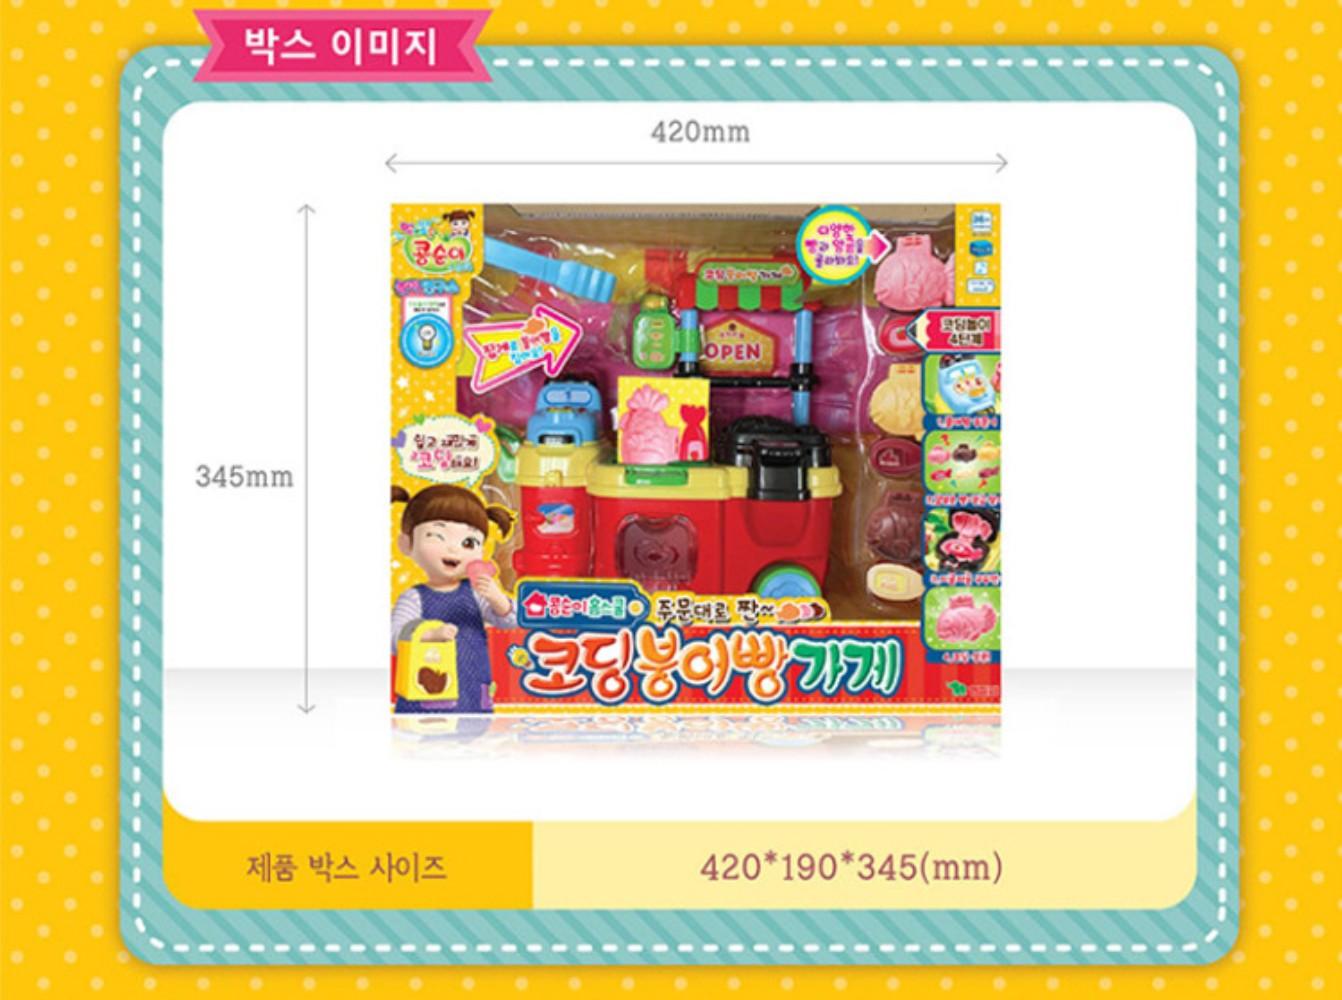 콩순이 코딩 붕어빵 가게 계산놀이 역할놀이 장난감 어린이 유아 선물, A